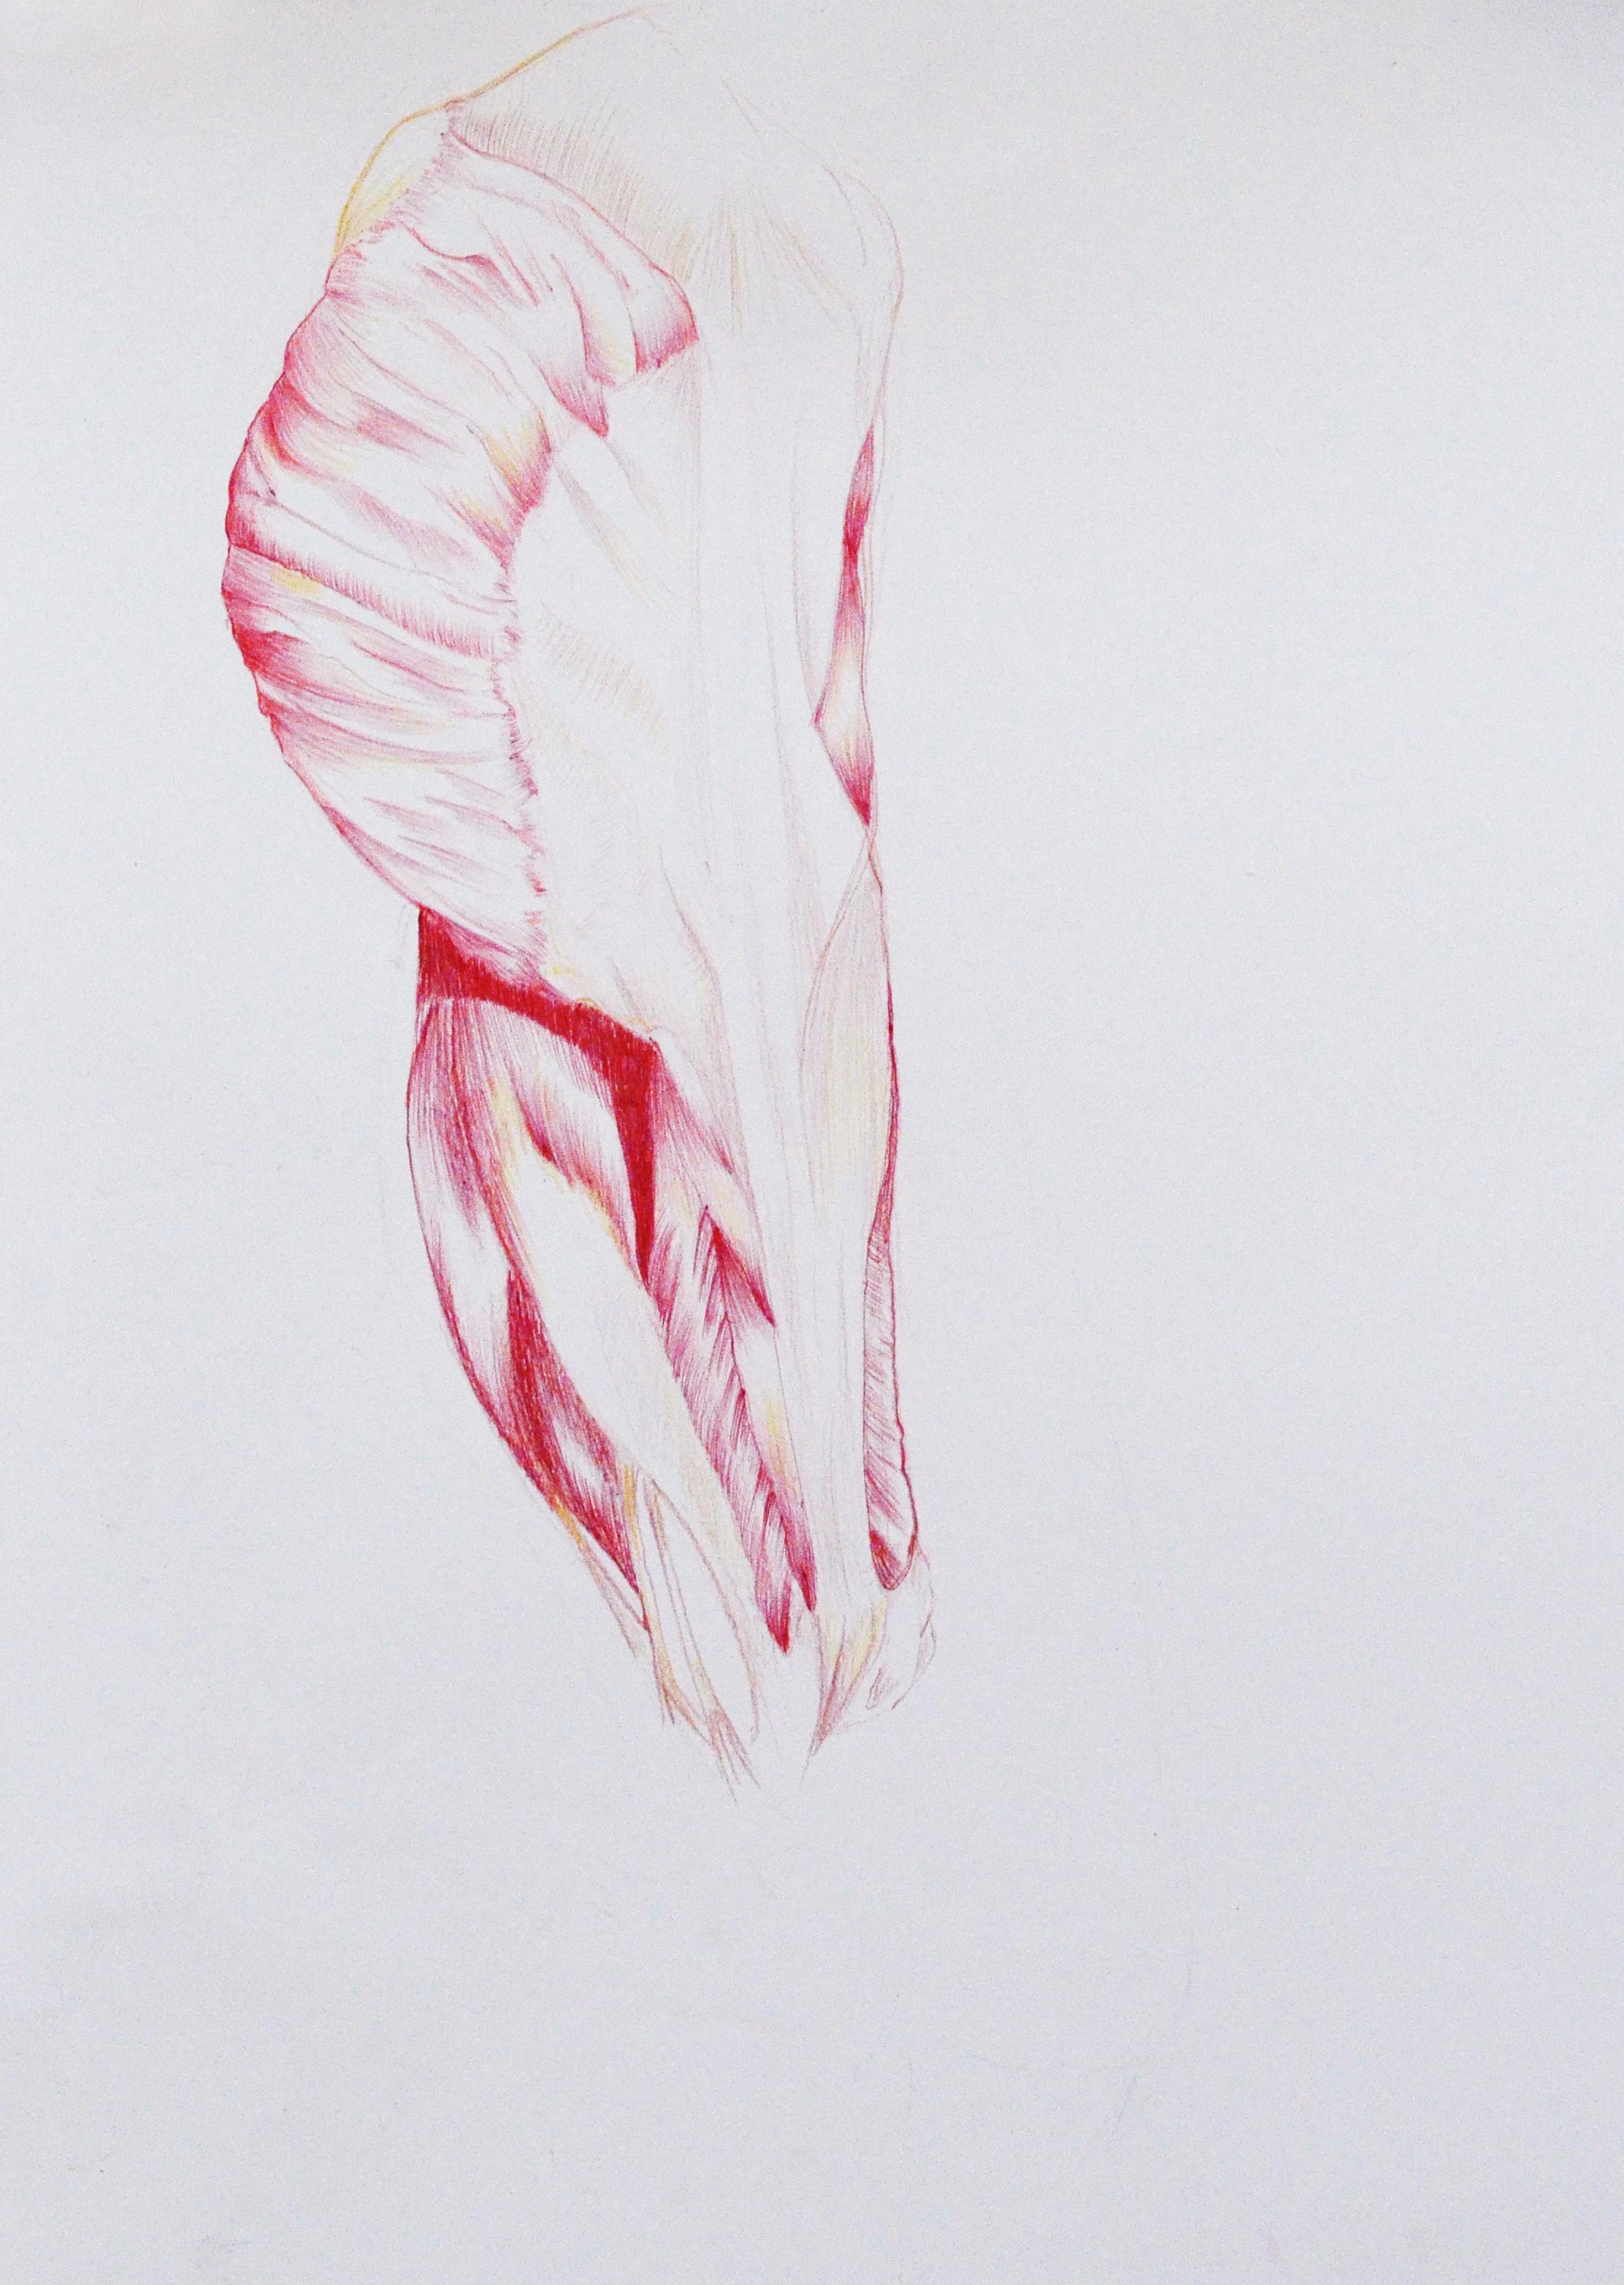 Genoveva Gómez Zeichenstifte und Kugelschreiber auf Papier 2015  Menschliche Anatomie für Künstler: Eine offene Klasse im Menschen Museum